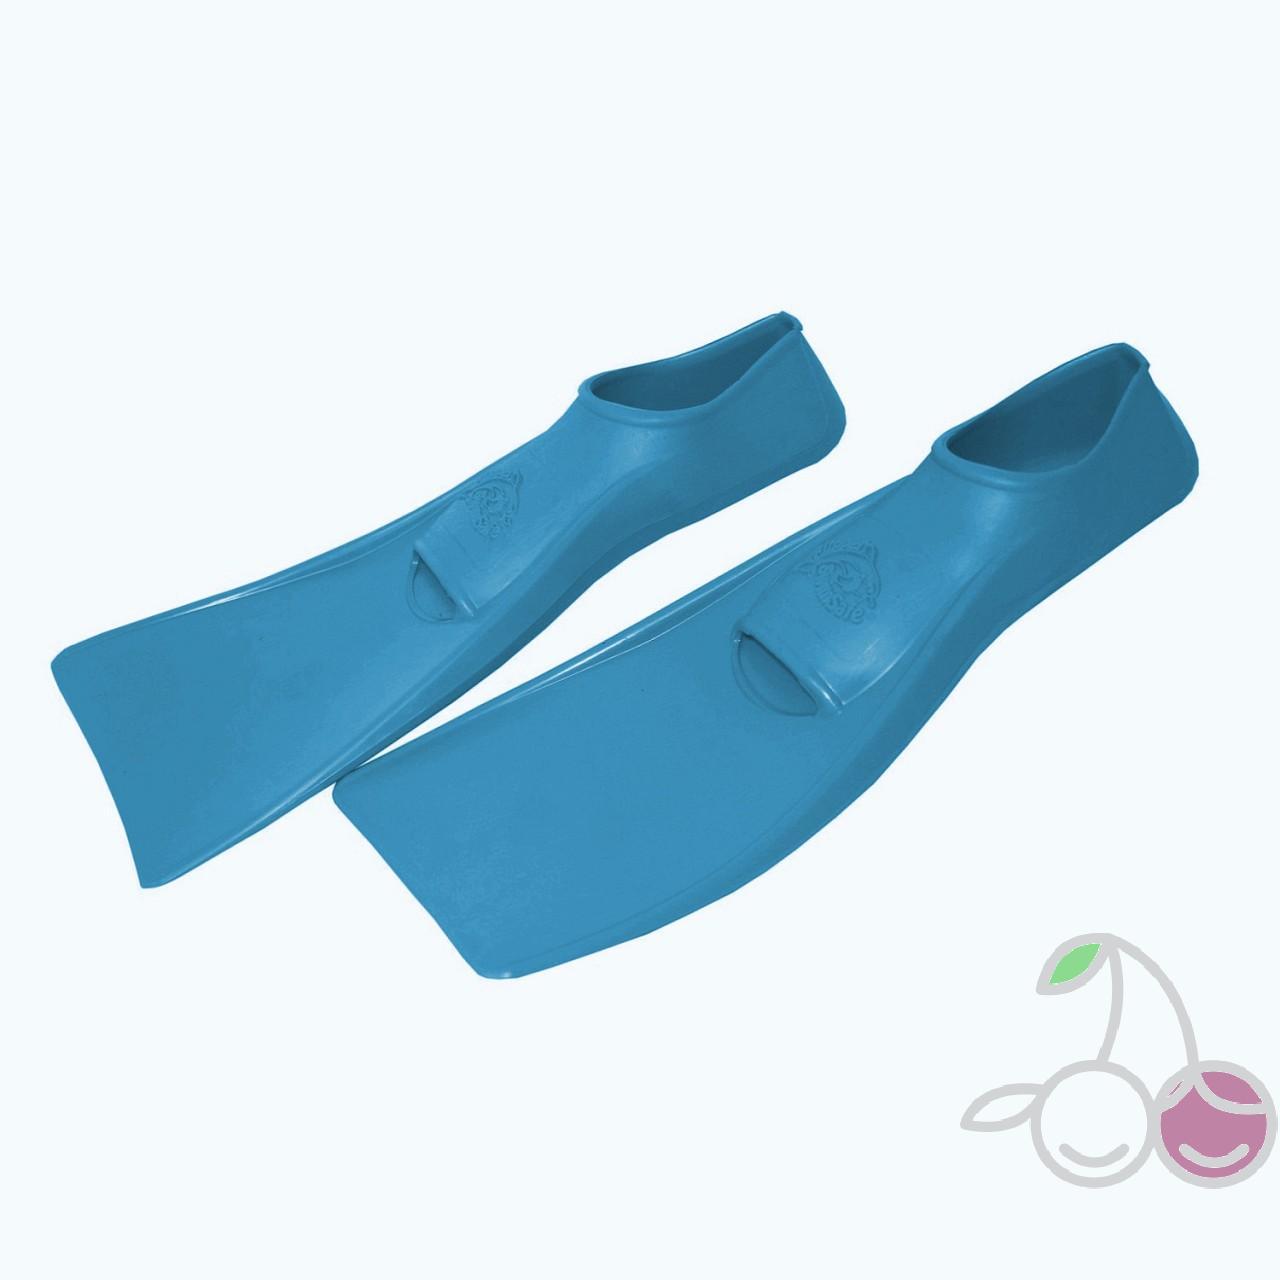 Ласты для бассейна резиновые детские размеры 30-33 синие СВИМСЕЙФ (SwimSafe) Германия, - фото 2